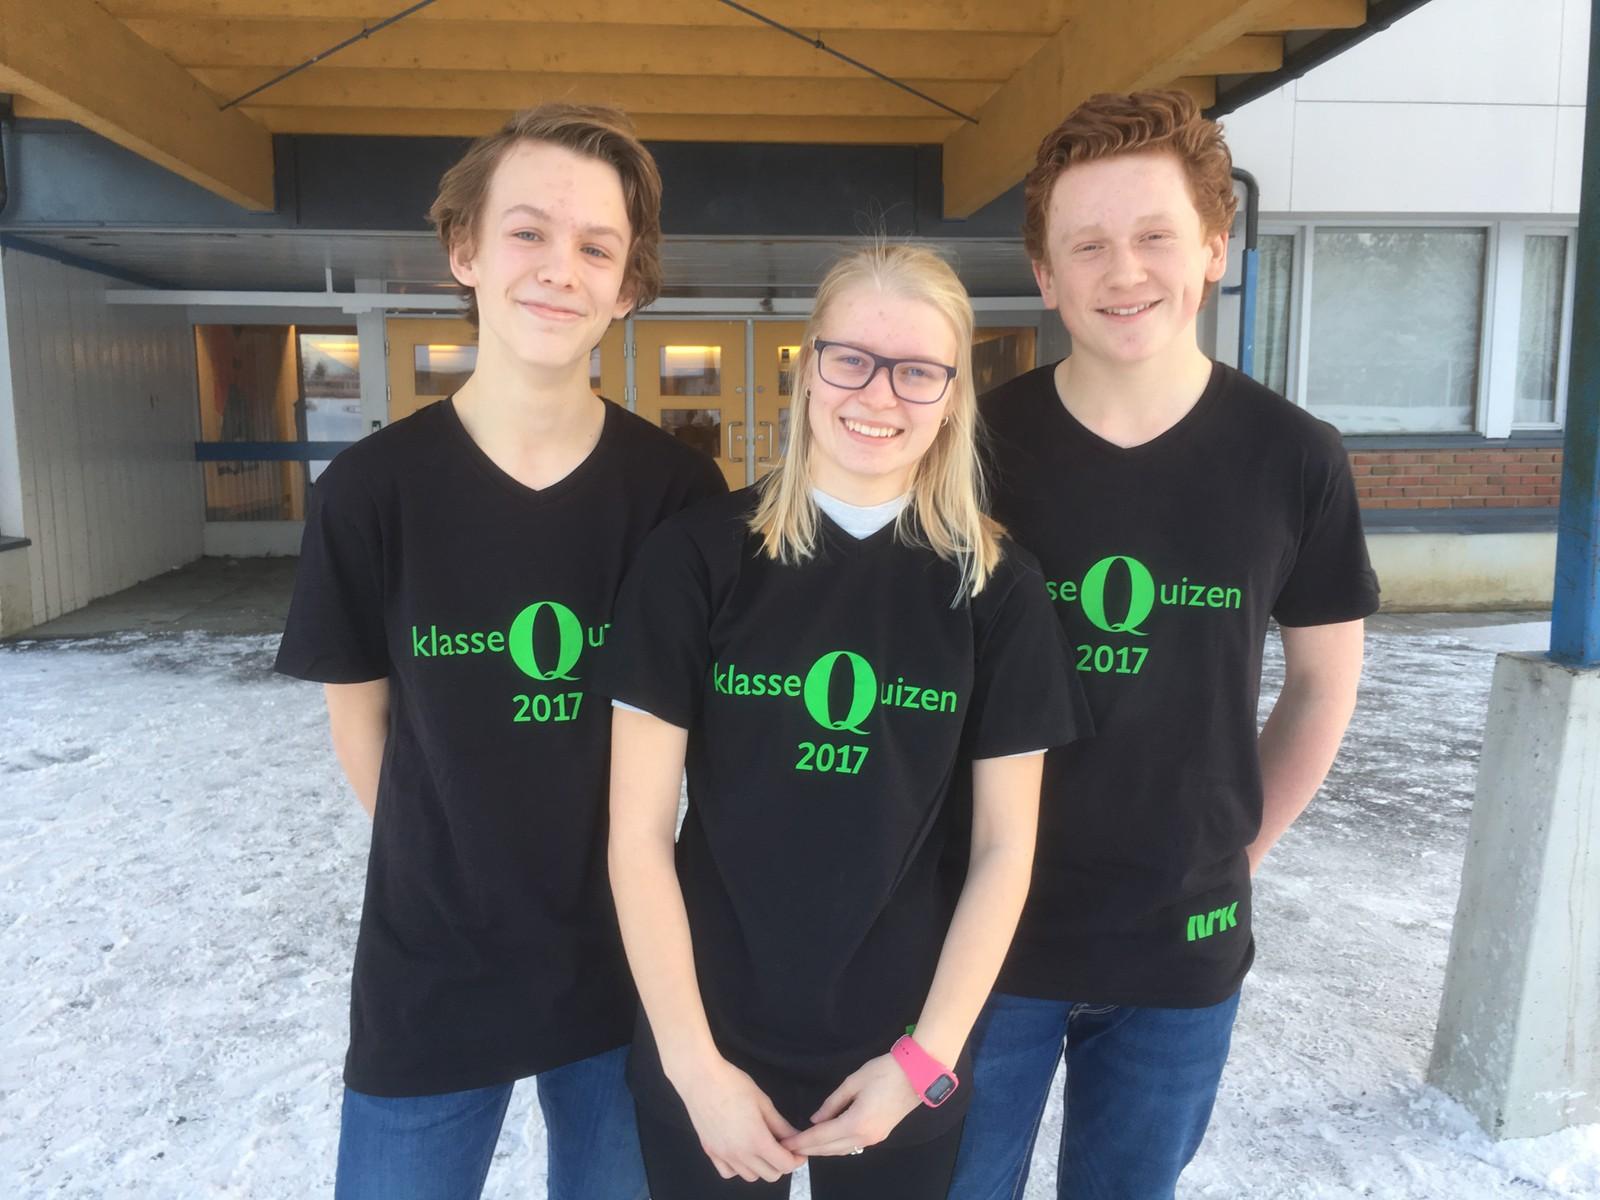 F.v. Halvor Tyseng, Marielle Tyseng og Hallvard Bakken fra Stange ungdomsskole fikk åtte poeng.